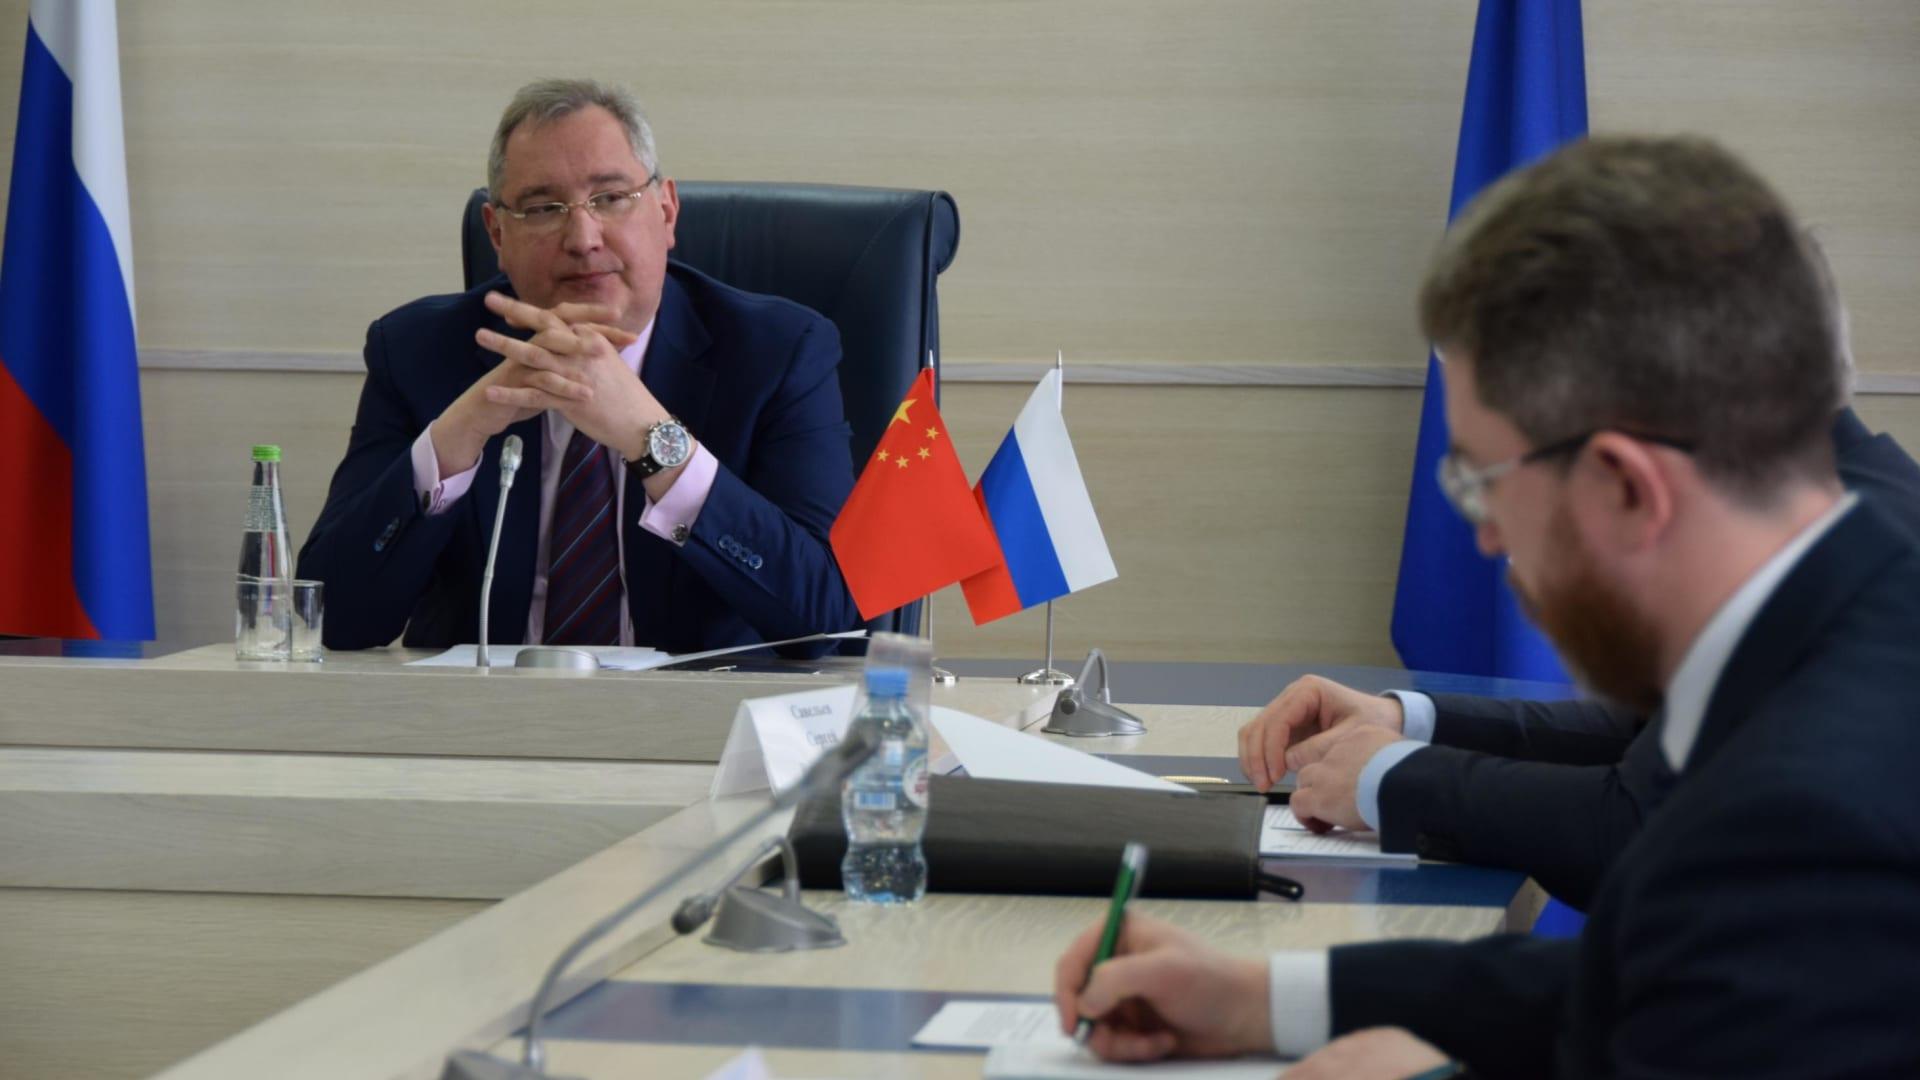 الصين وروسيا تتفقان على بناء محطة فضائية مشتركة على سطح القمر